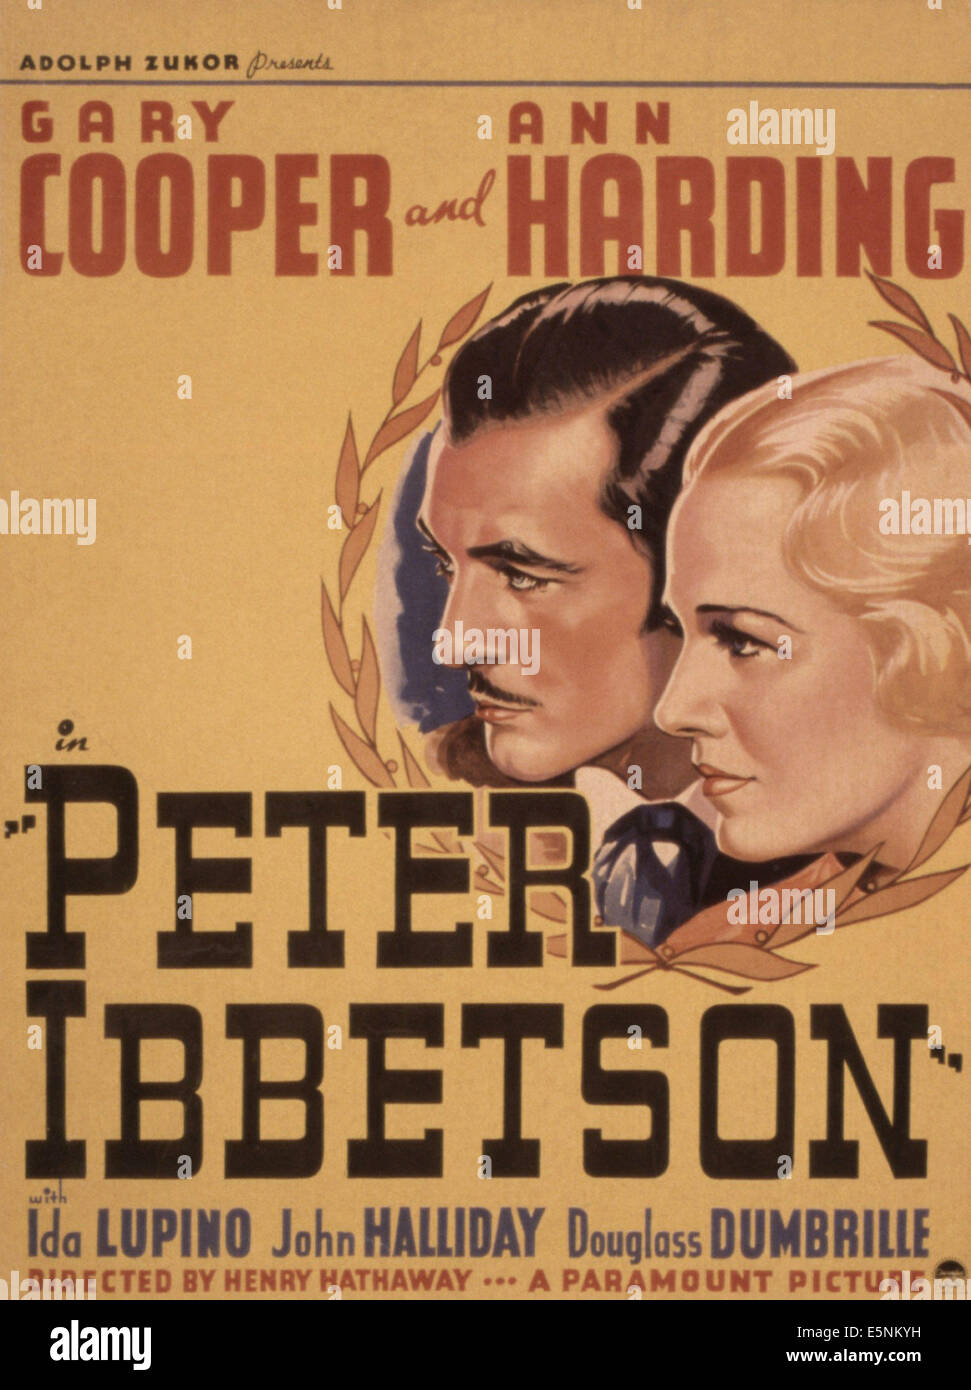 PETER IBBETSON, Gary Cooper, Ann Harding, 1935 Stockbild